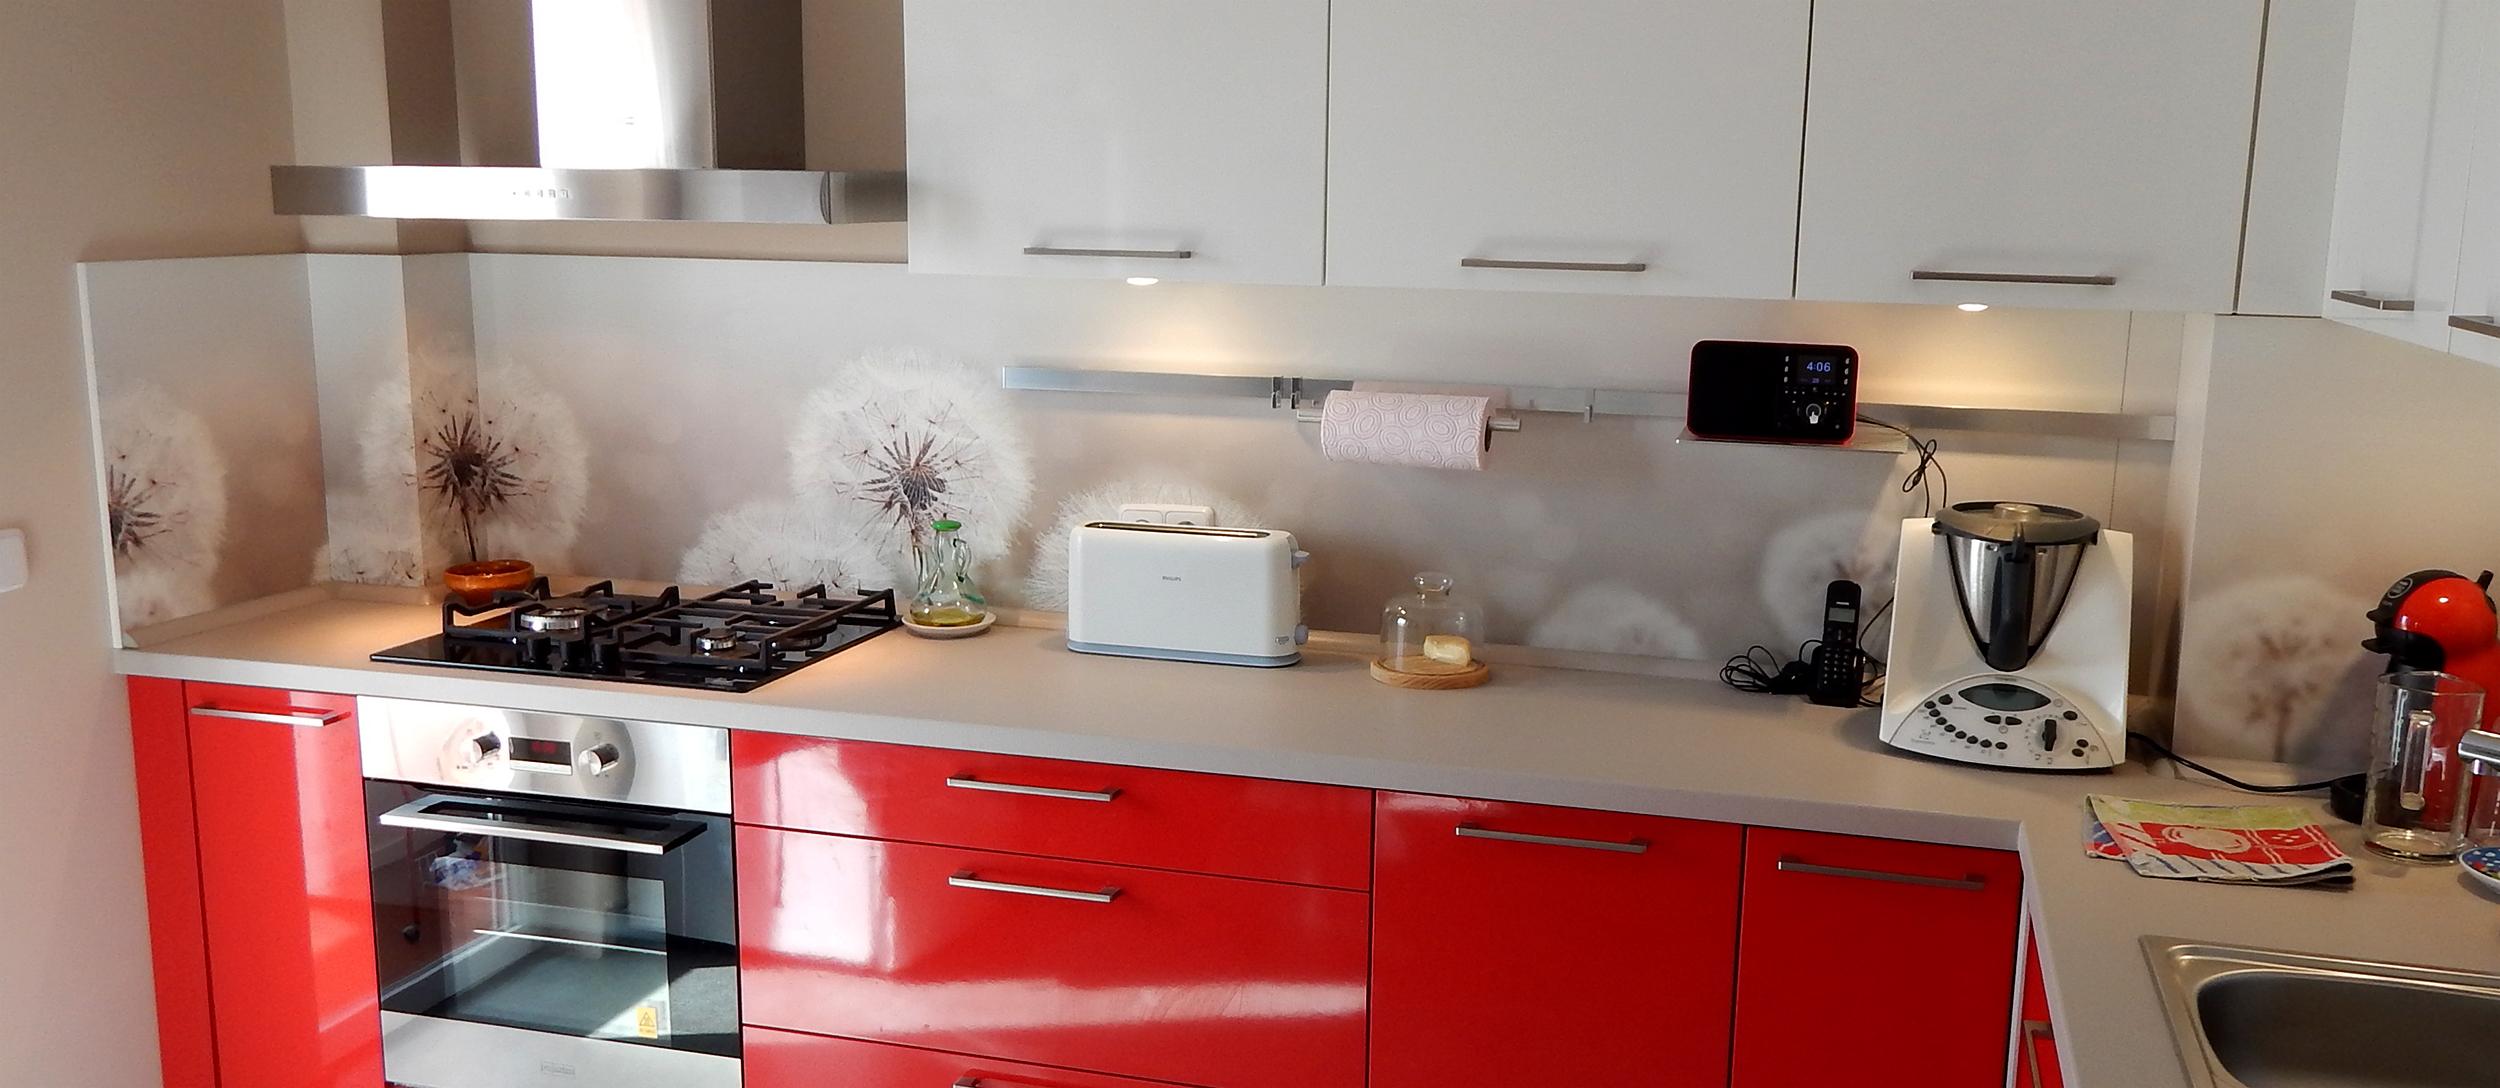 muebles de cocina modelo neo